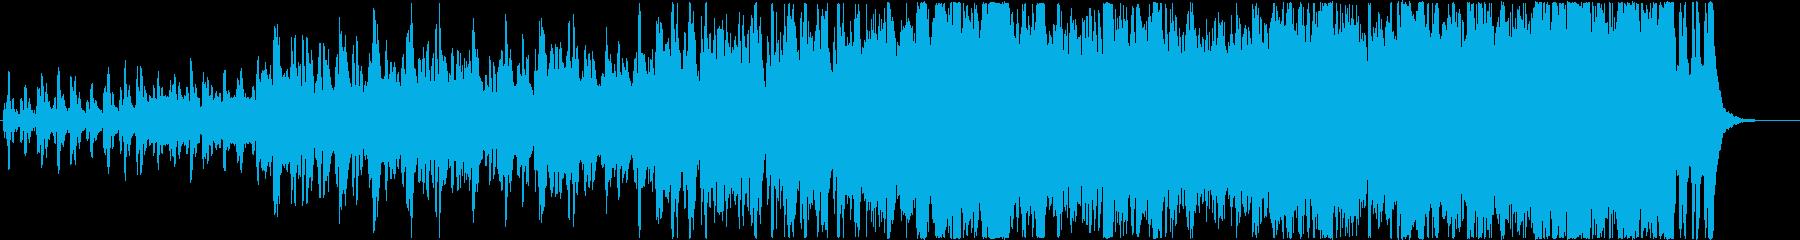 前向きで感動的なオーケストラ曲の再生済みの波形